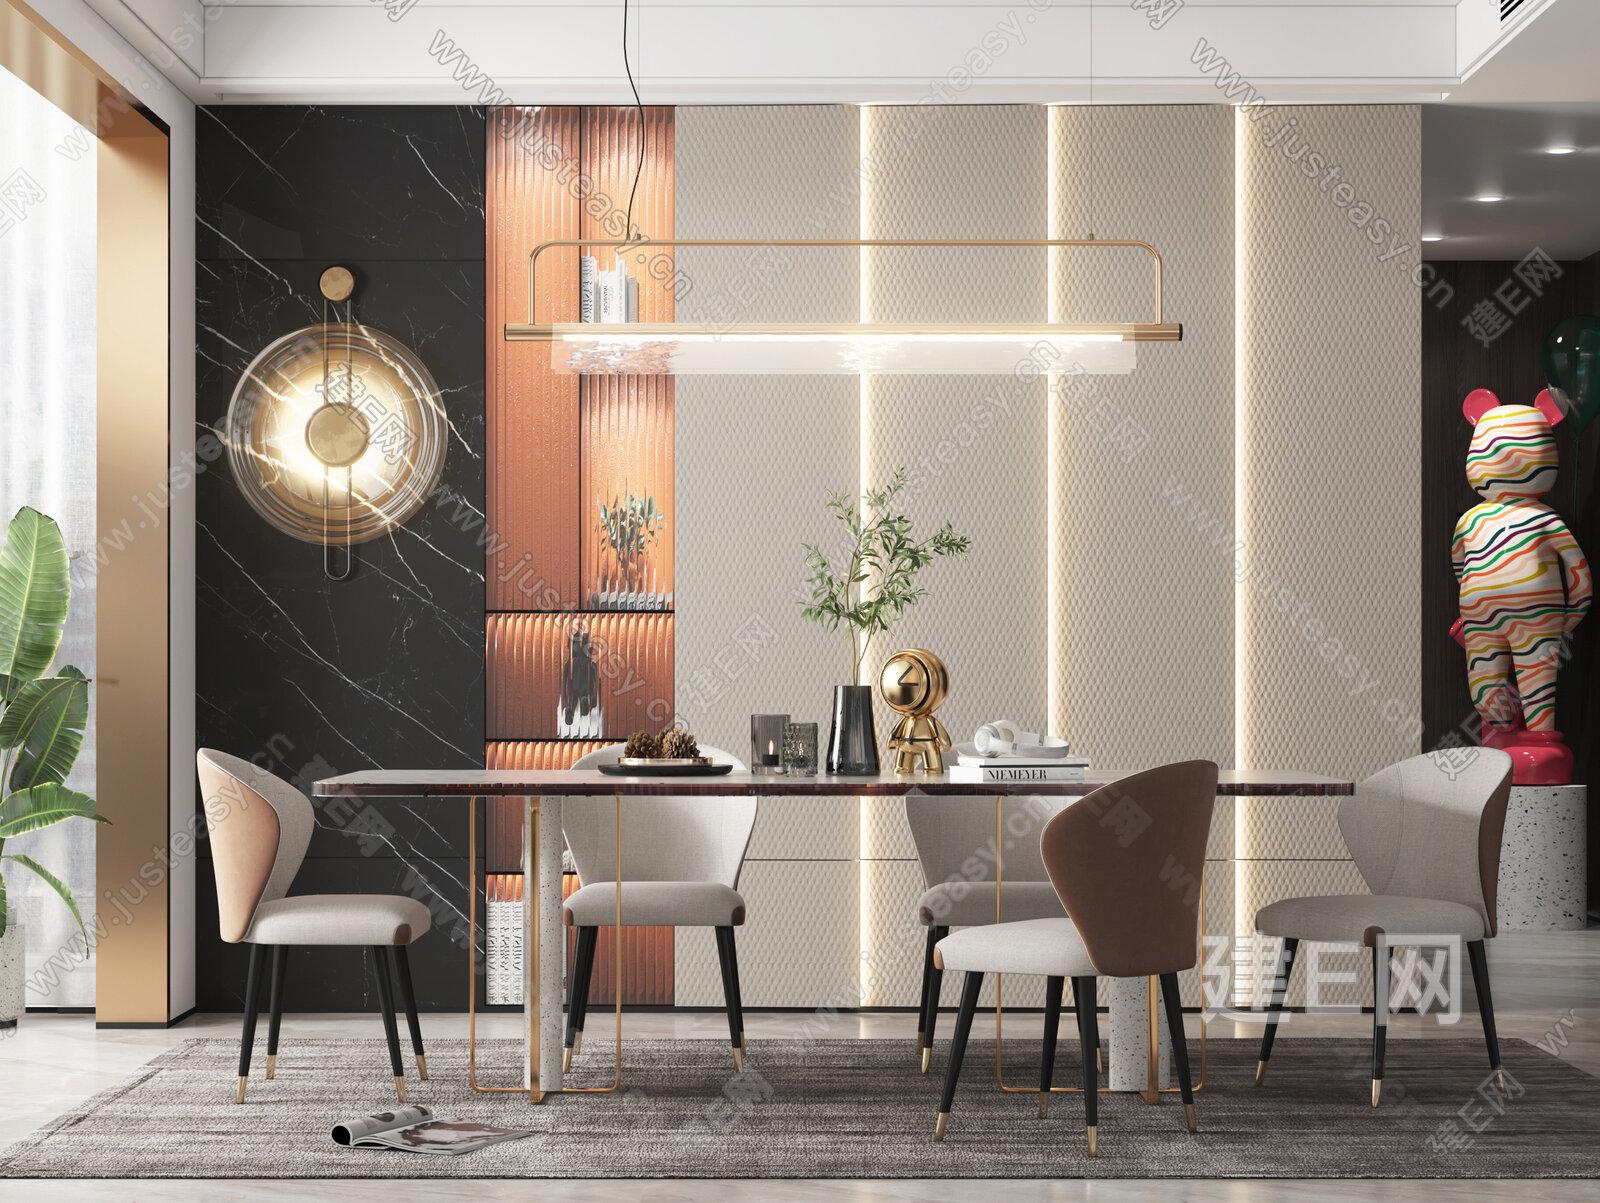 现代简约餐厅 3d模型